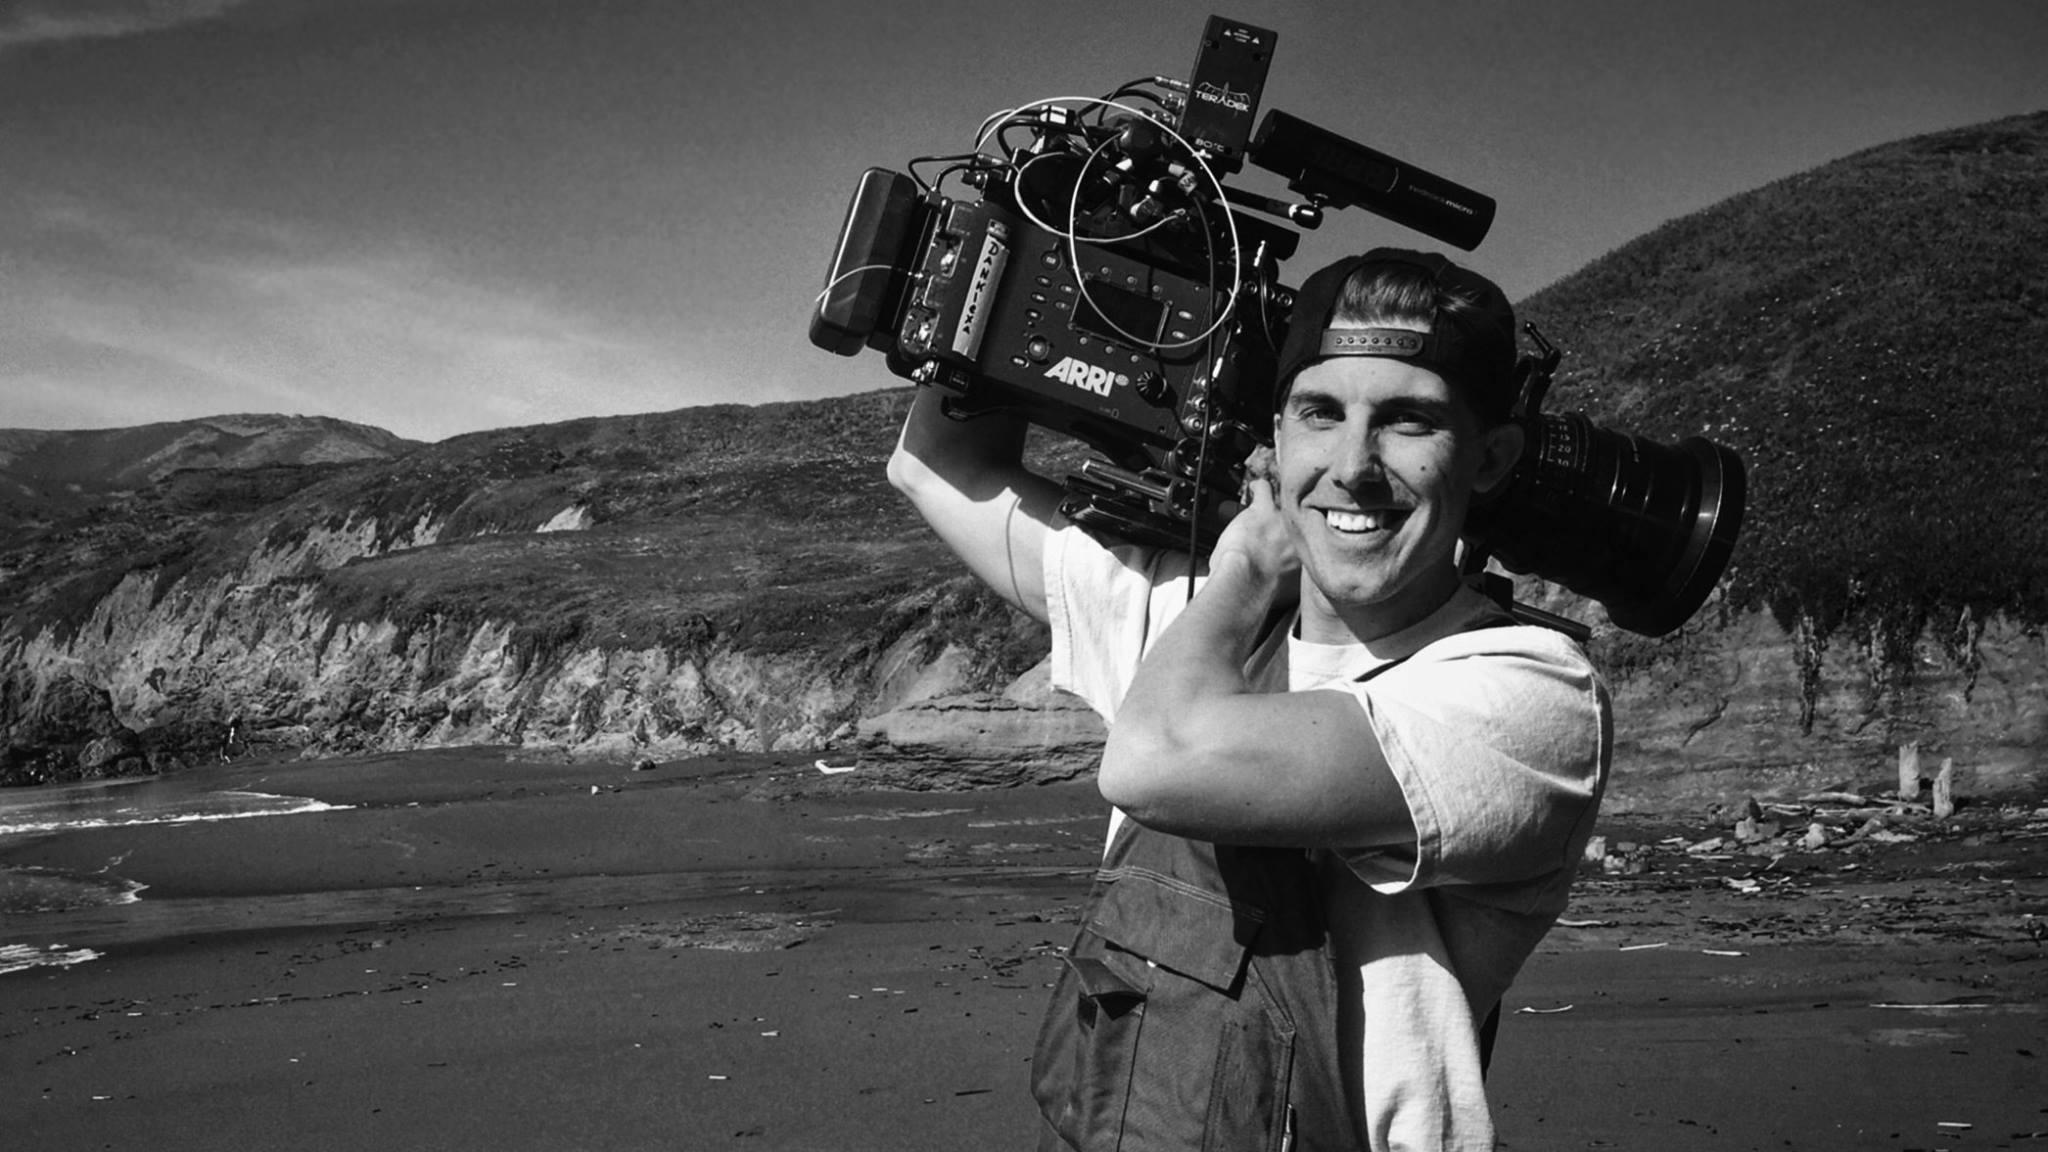 Cinematographer Carl Lovén